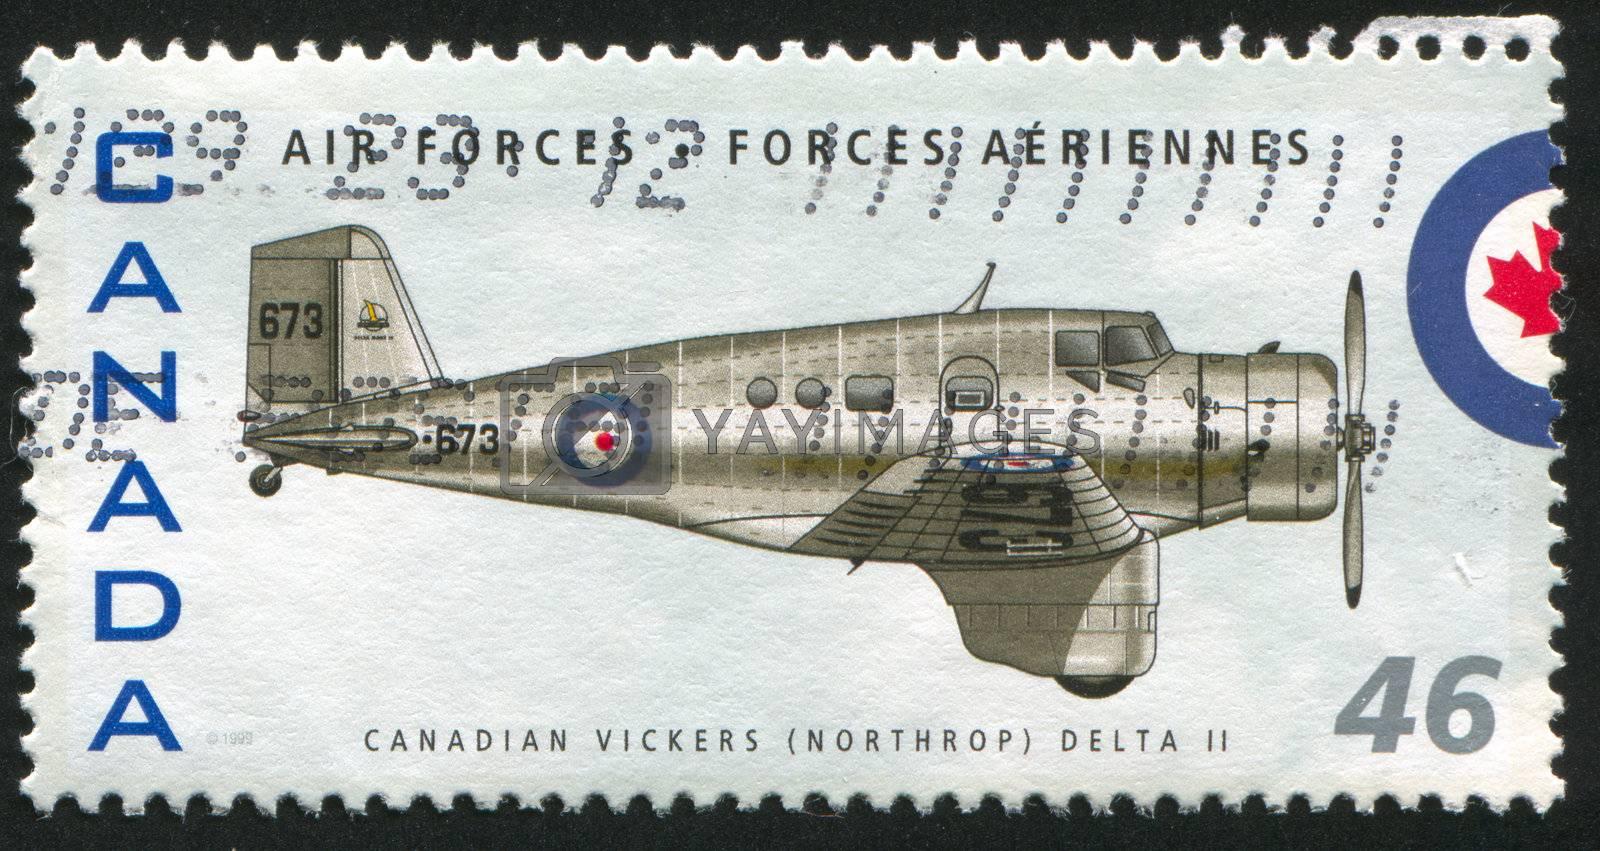 CANADA - CIRCA 1999: stamp printed by Canada, shows aeroplane, Canadian Vickers (Northrop) Delta II, circa 1999